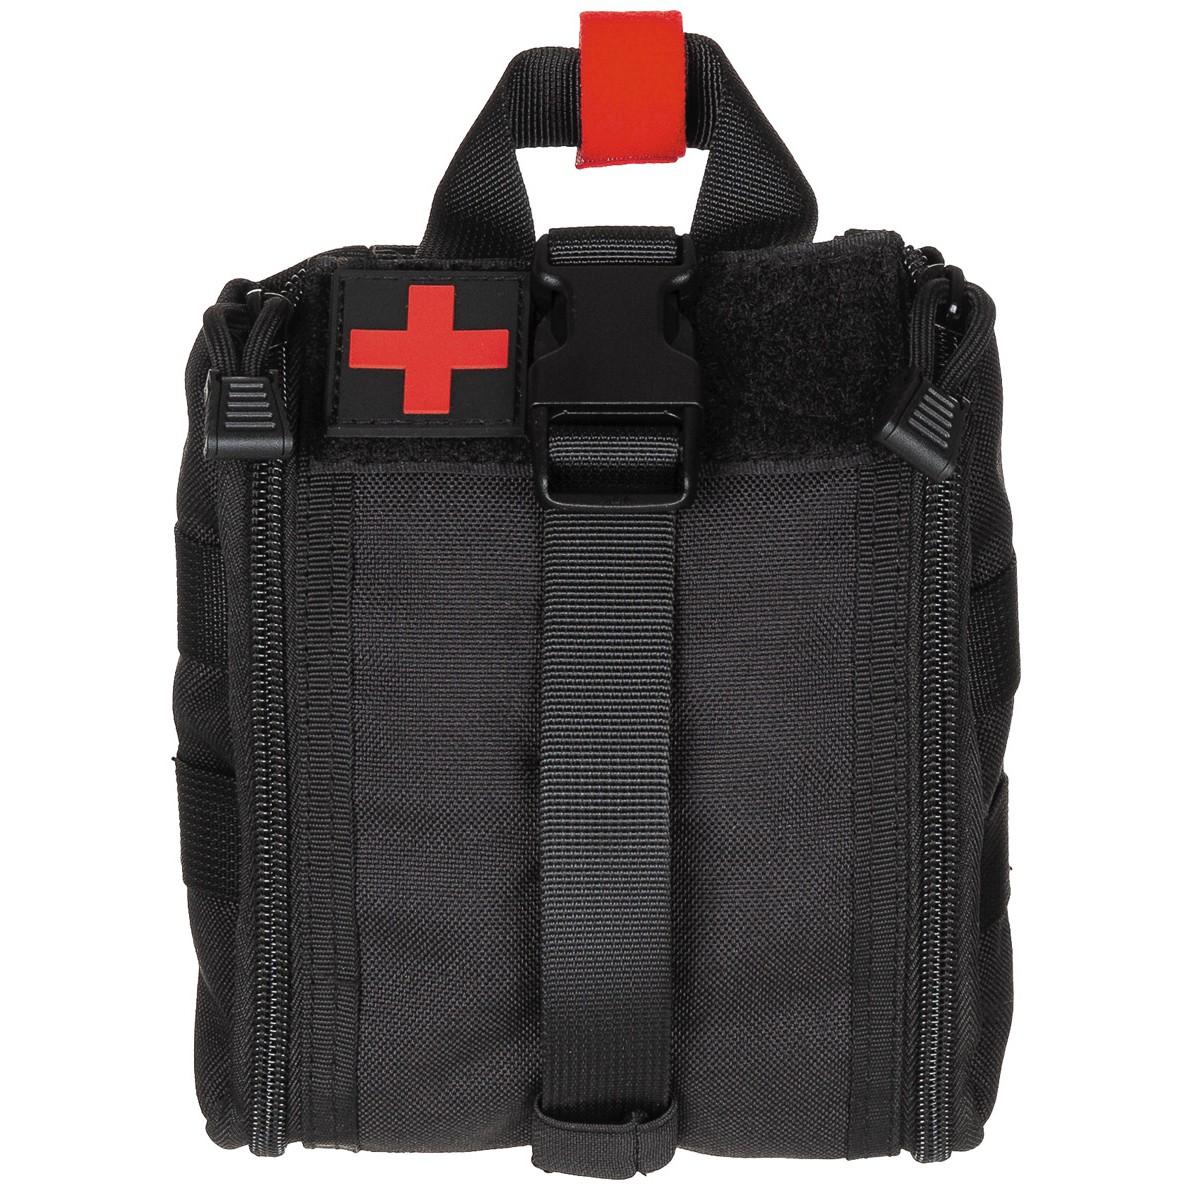 Hilfe K9 Kds Erste Molle – Tasche Klein X0wknOZN8P